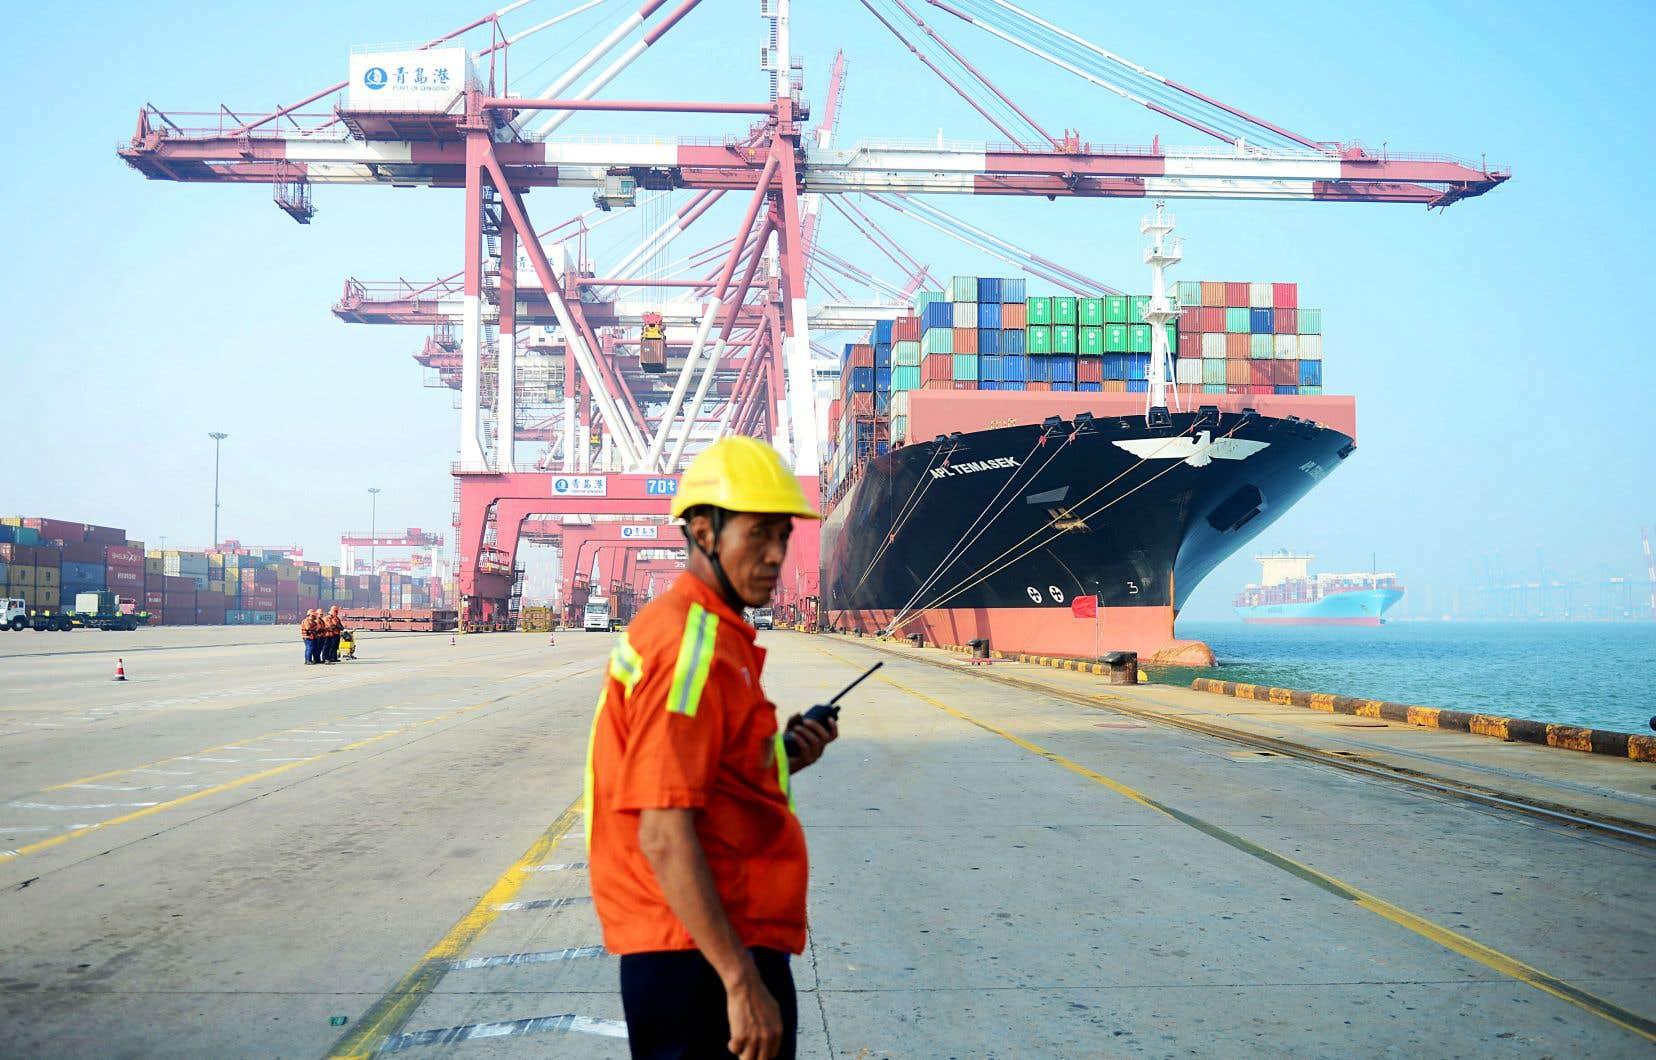 La Chine enregistrait le mois dernier un déficit totalement inattendu de 4,98milliards de dollars pour l'ensemble de son commerce extérieur, après un excédent de 33,7milliards de dollars en février.